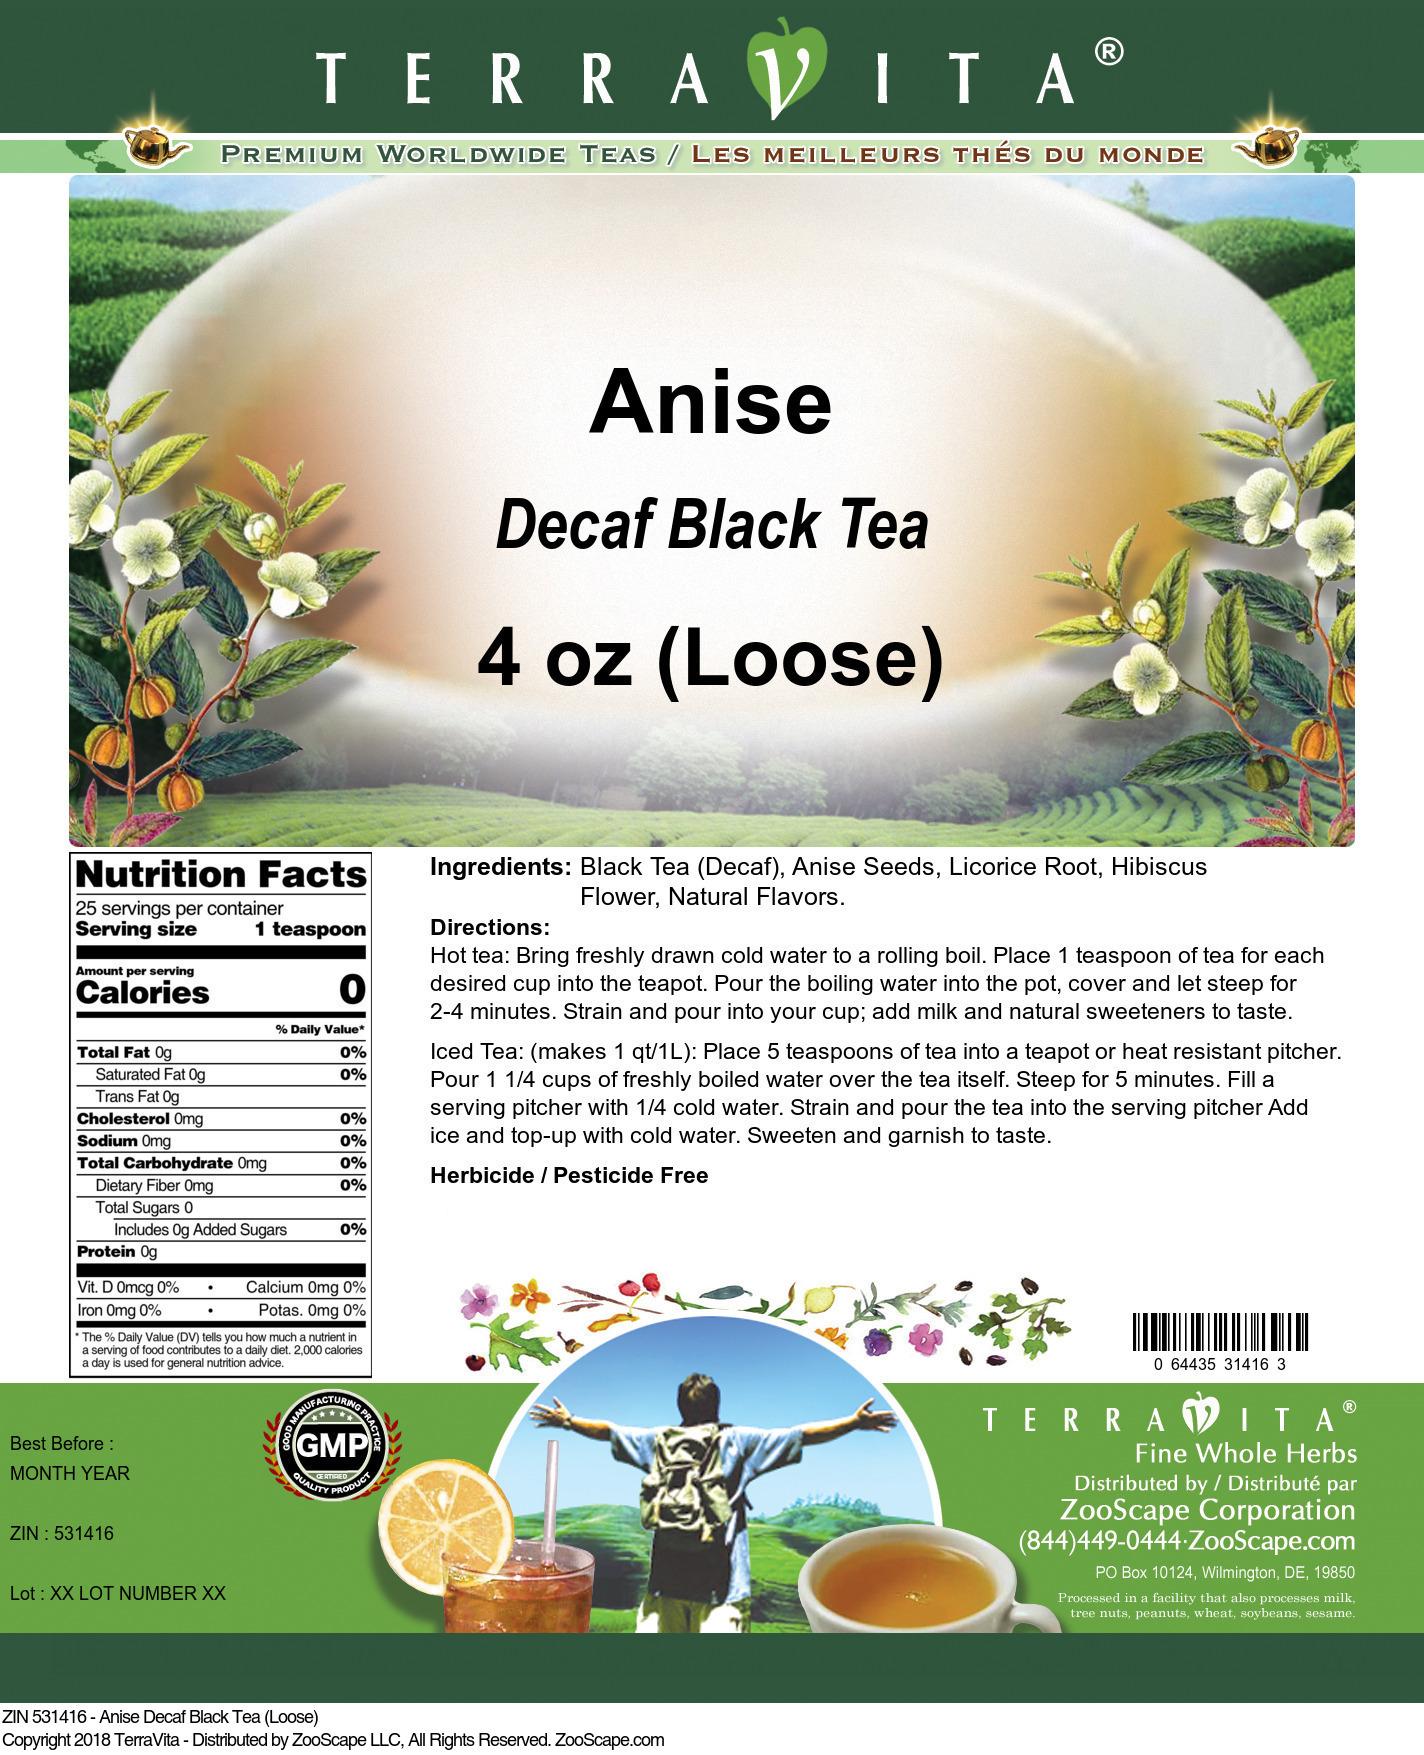 Anise Decaf Black Tea (Loose)